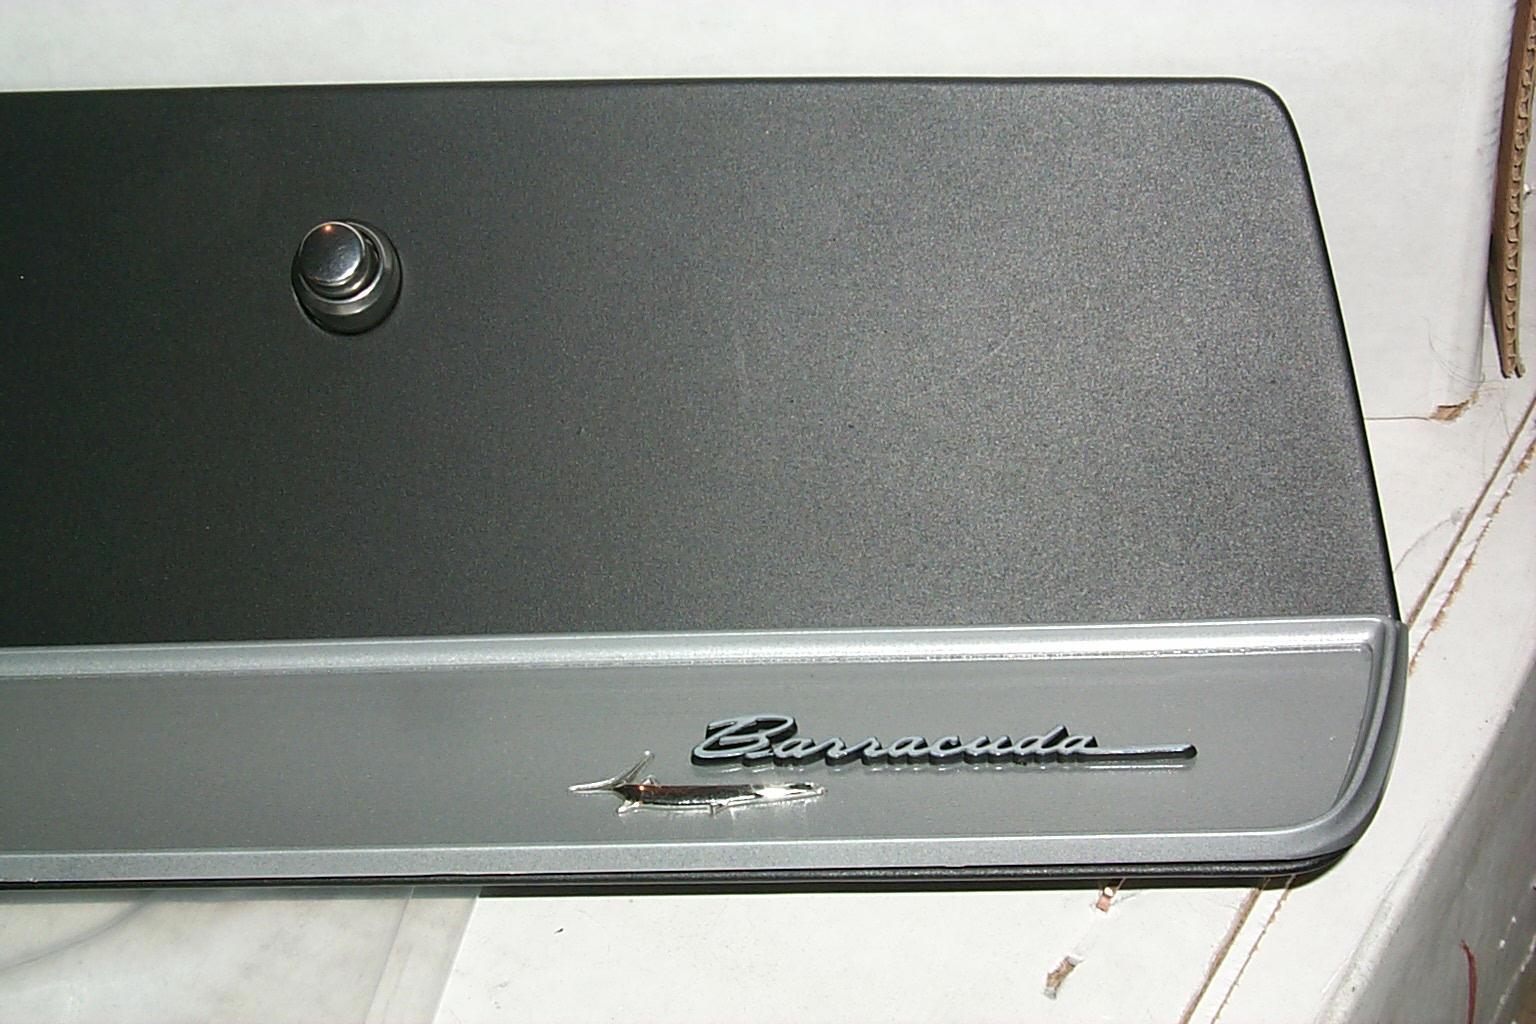 Barracuda script emblem.